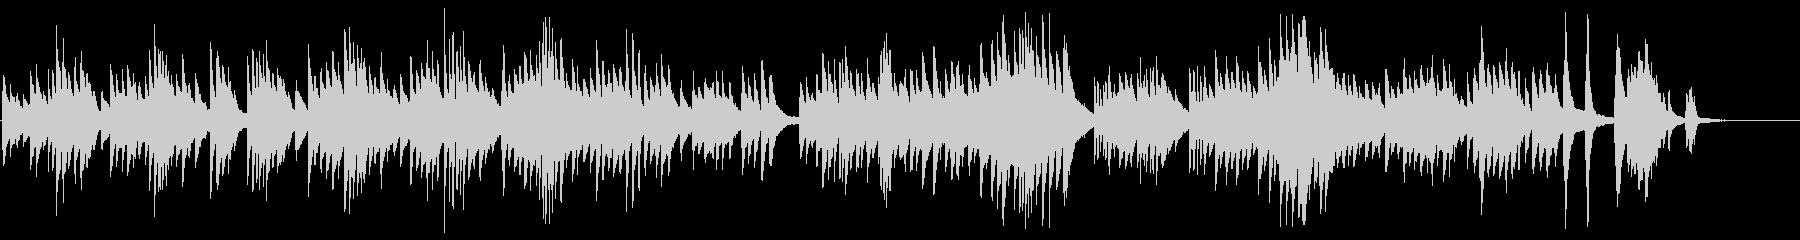 叙情的なピアノが印象的なBGMの未再生の波形